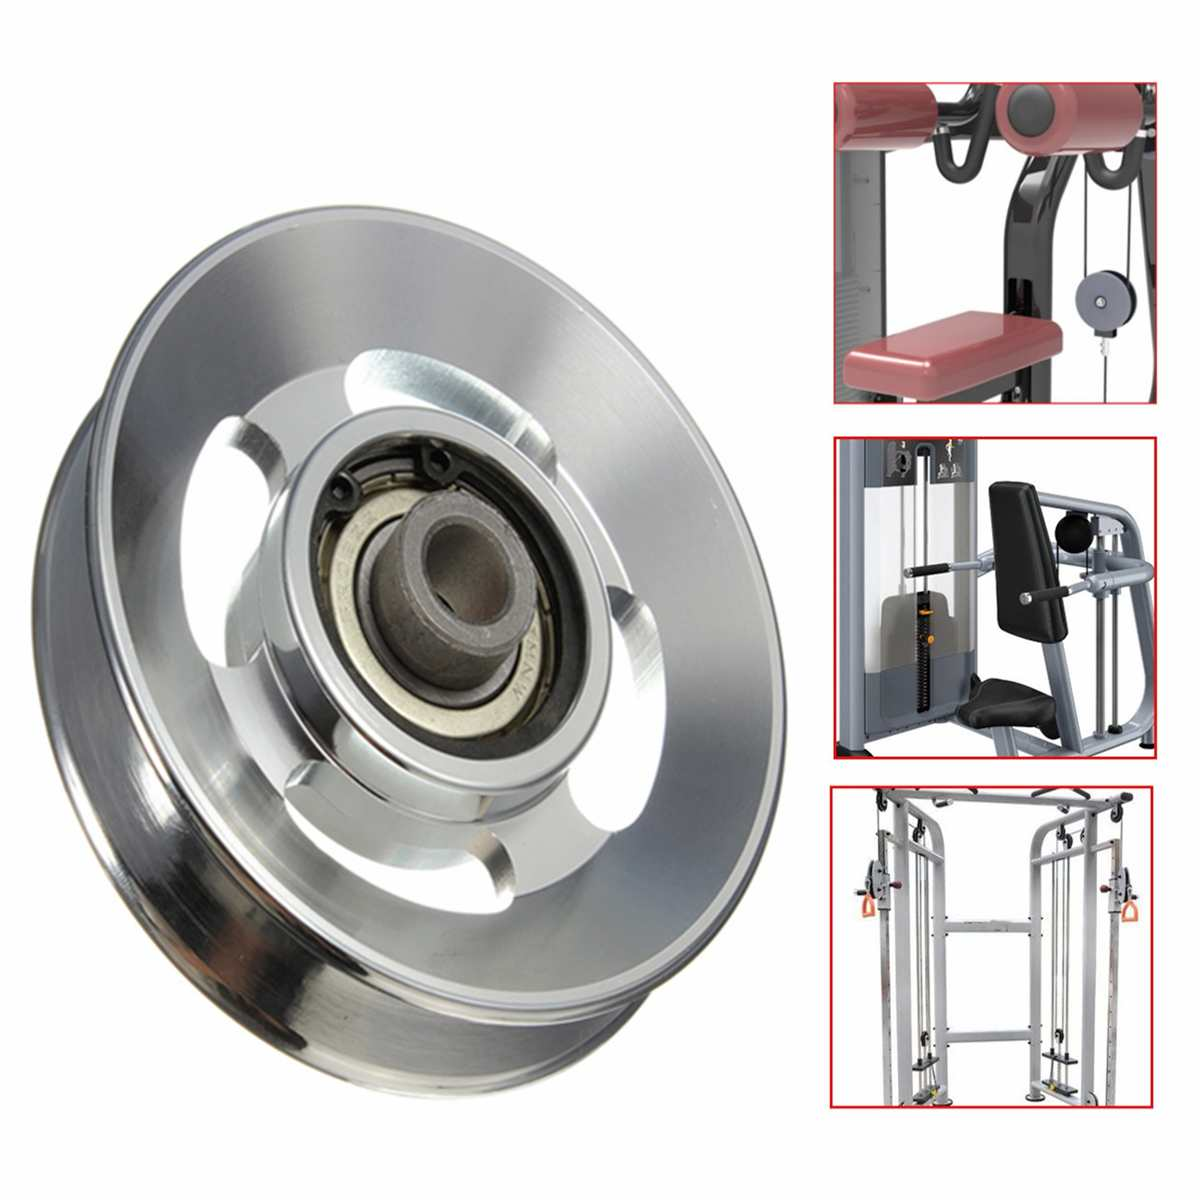 Rueda de la polea del cojinete de aleación de aluminio Universal equipo de gimnasio parte 88mm